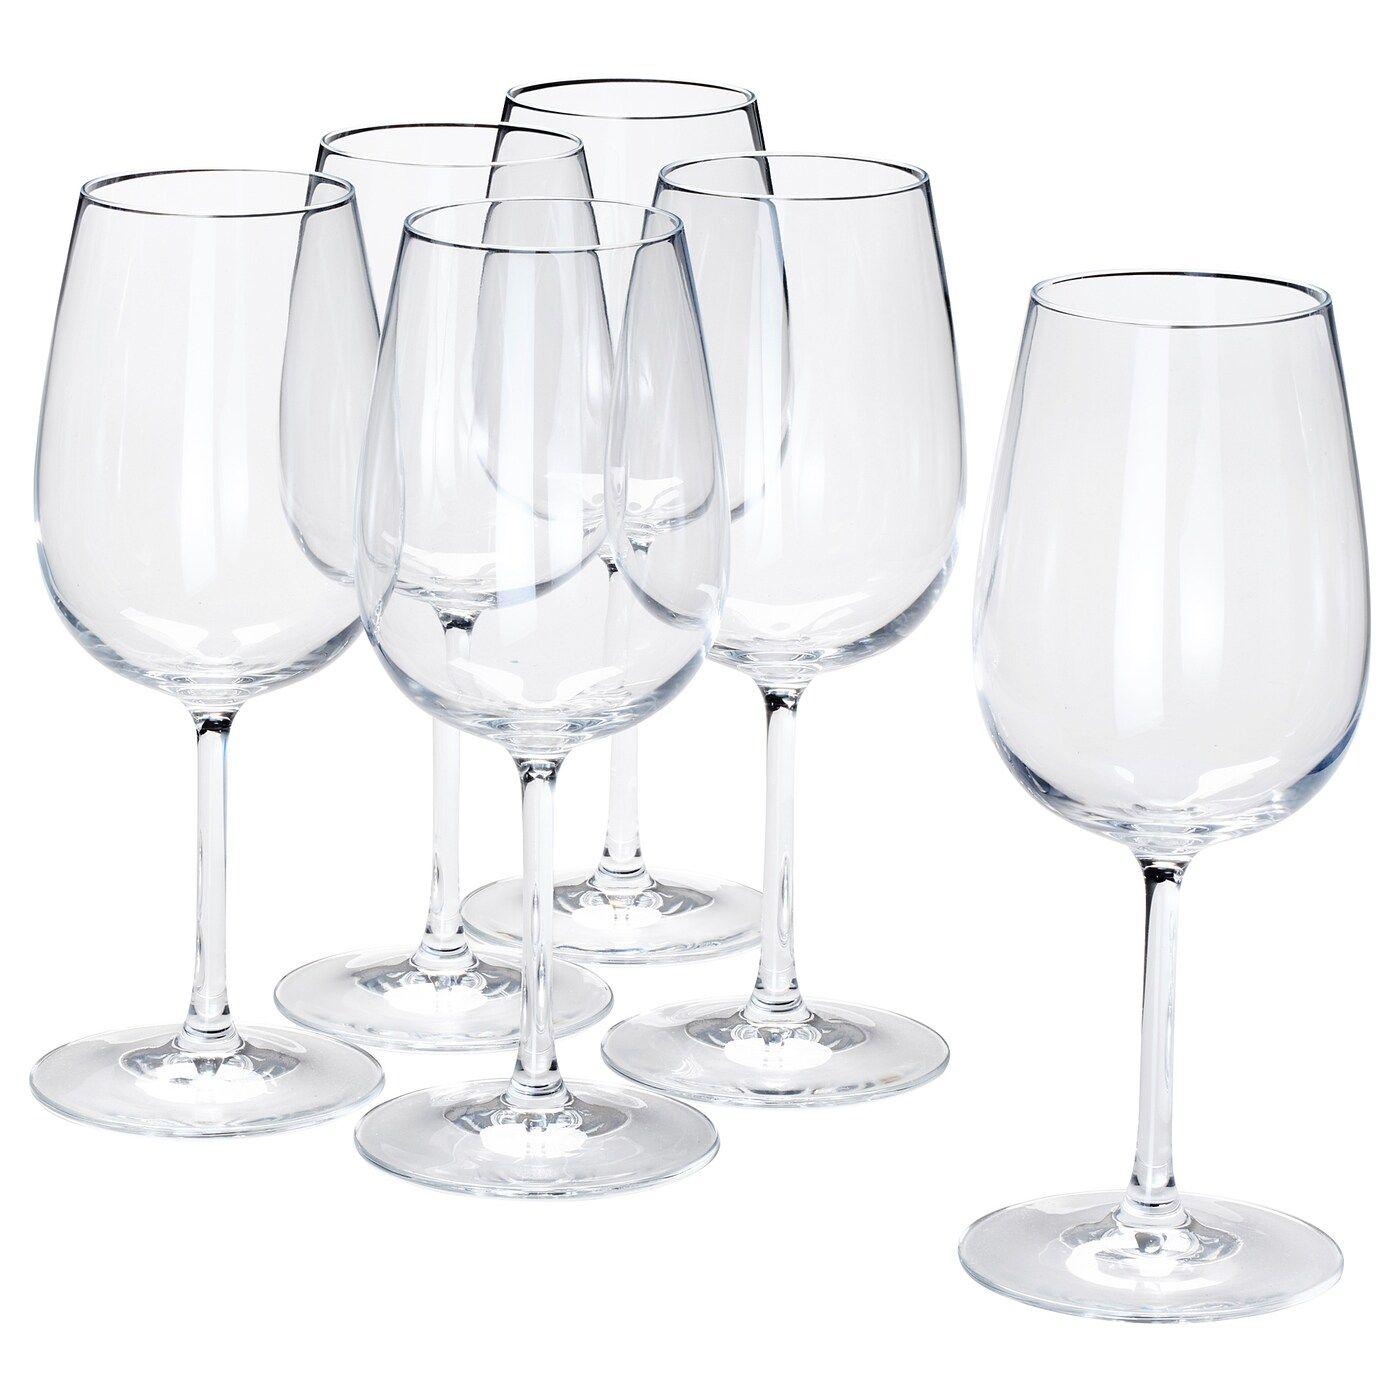 Storsint Wine Glass Clear Glass Ikea In 2020 Ikea Wine Glasses Clear Glass Wine Glass